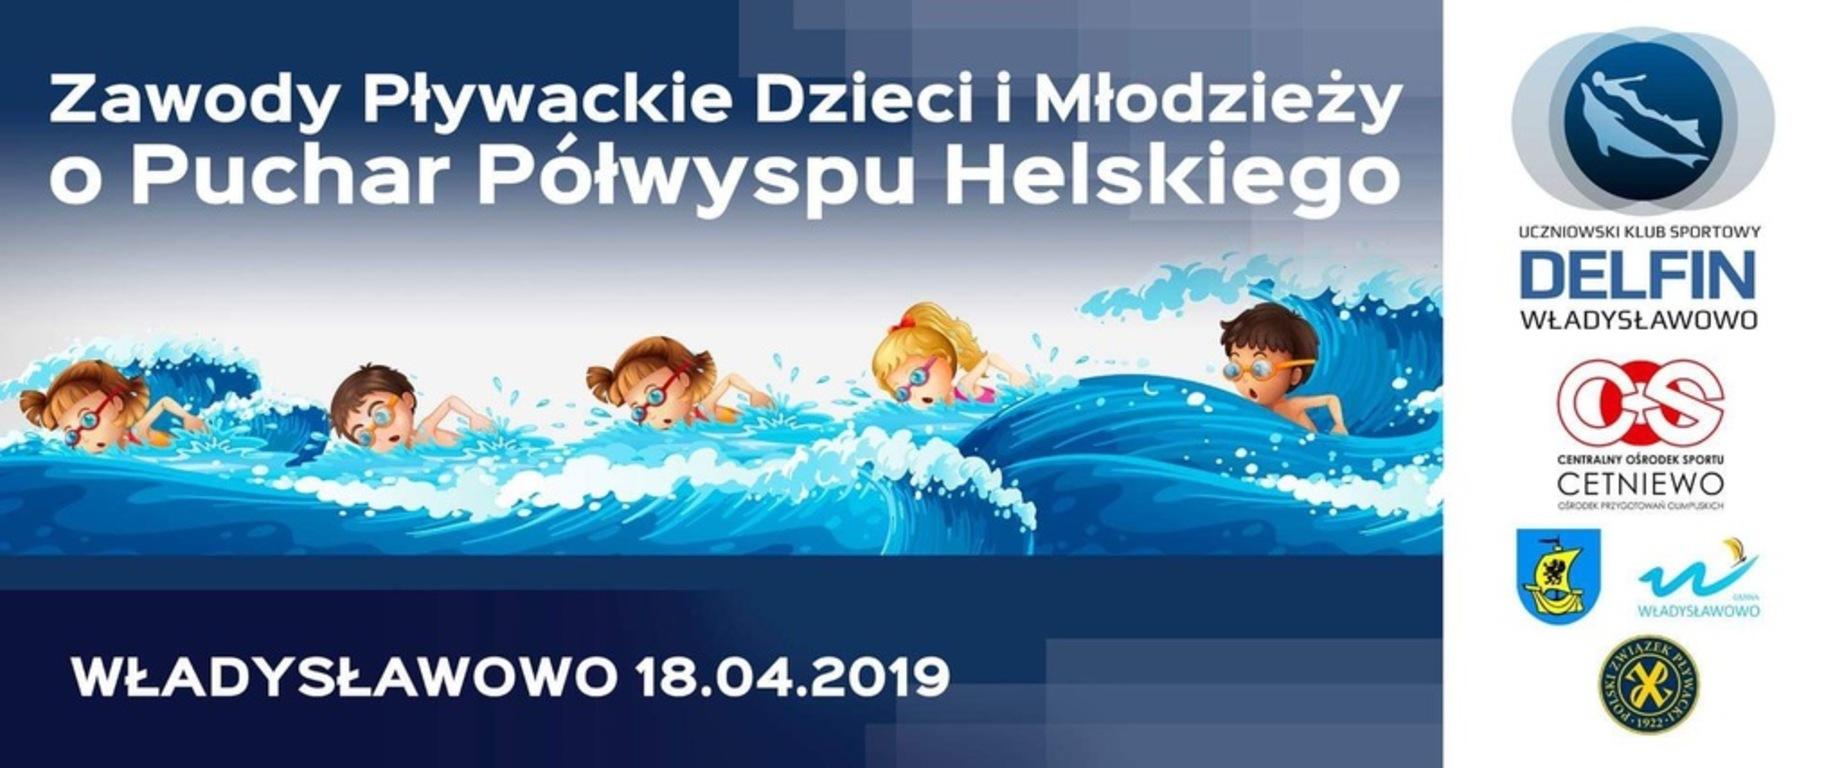 I Zawody Pływackie o Puchar Półwyspu Helskiego (link otworzy duże zdjęcie)